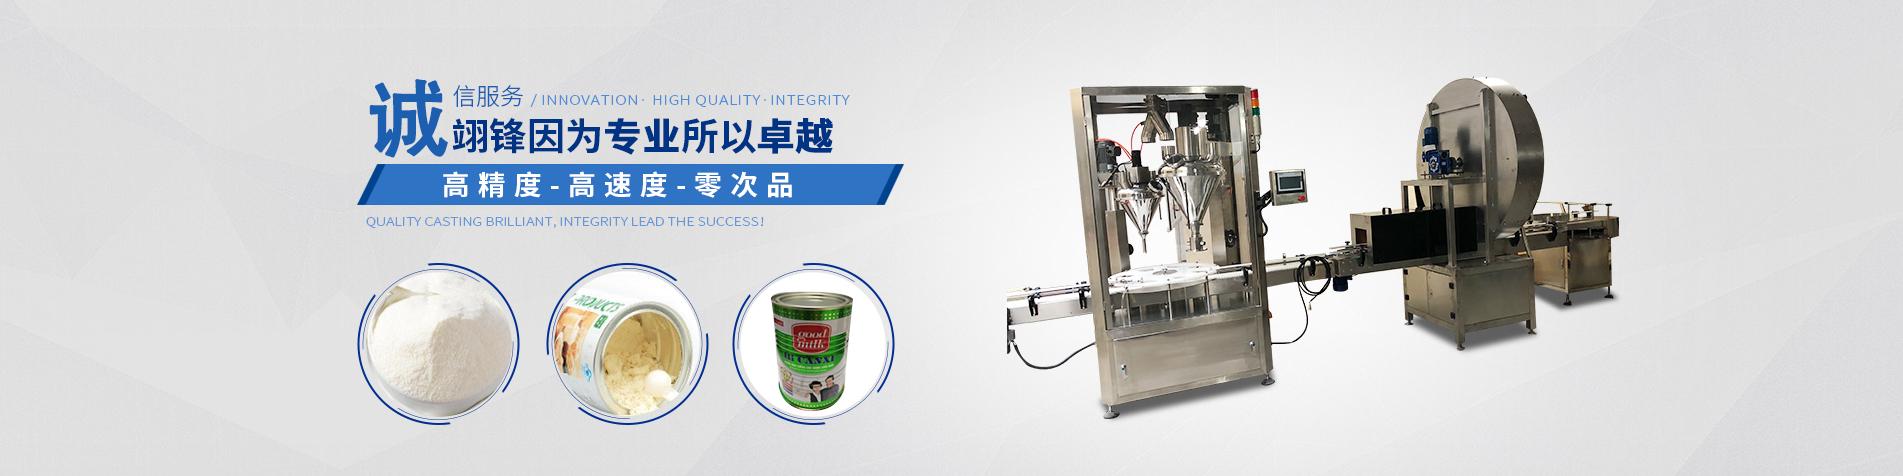 广东优良全自动颗粒包装机哪家好,全自动颗粒包装机